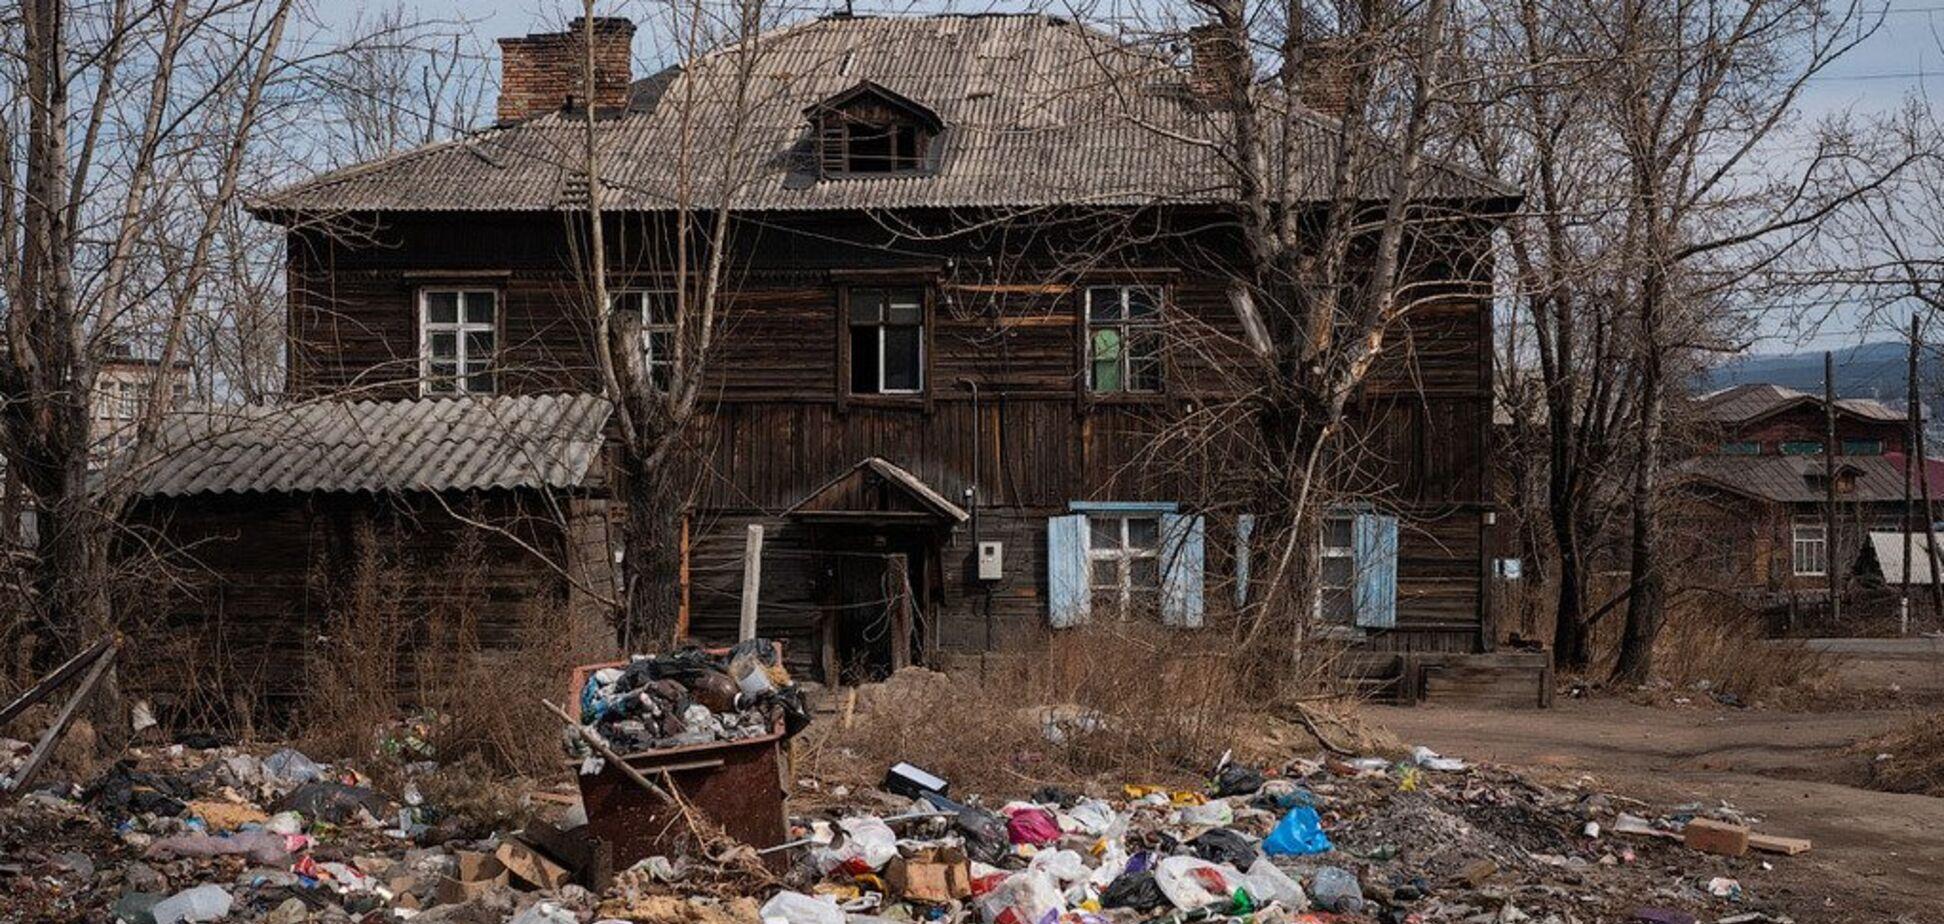 Гниль, помои и отходы: город в России накрыла экологическая катастрофа